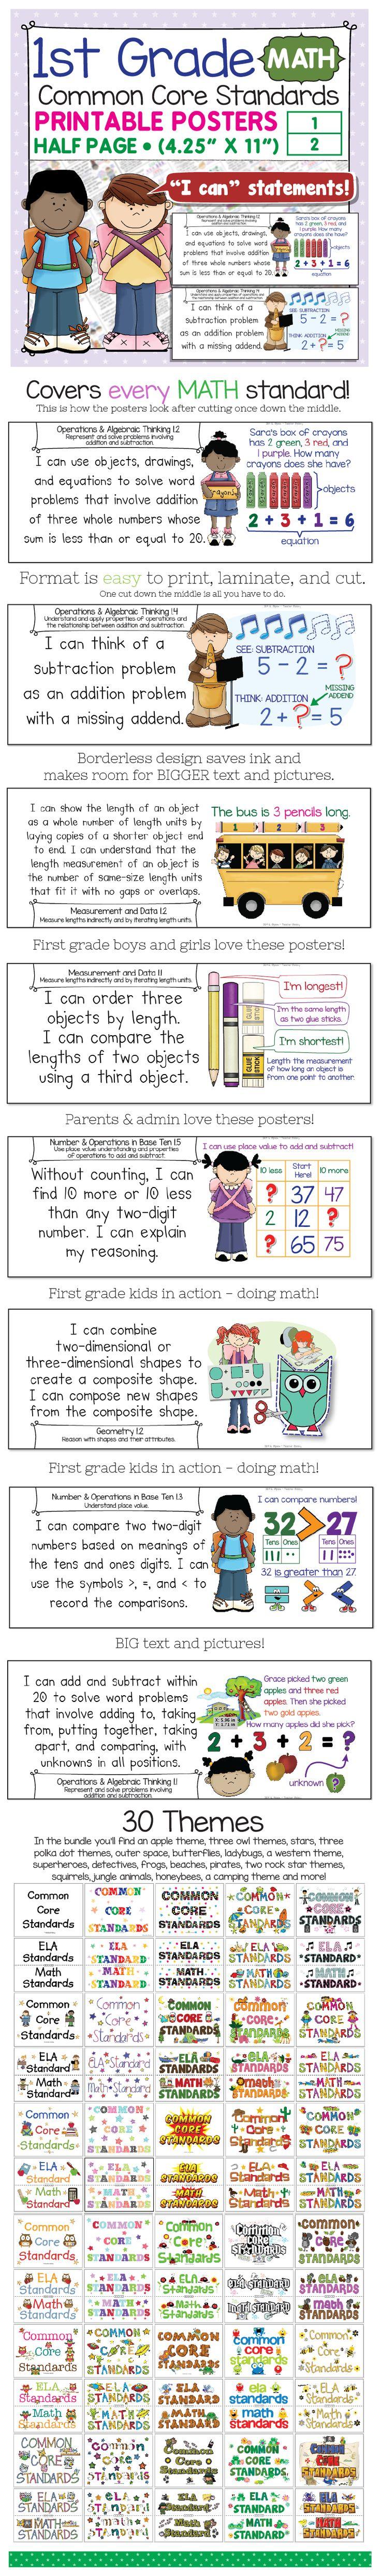 1000+ Bilder zu 1st grade math auf Pinterest | Umkehraufgaben, Mathe ...